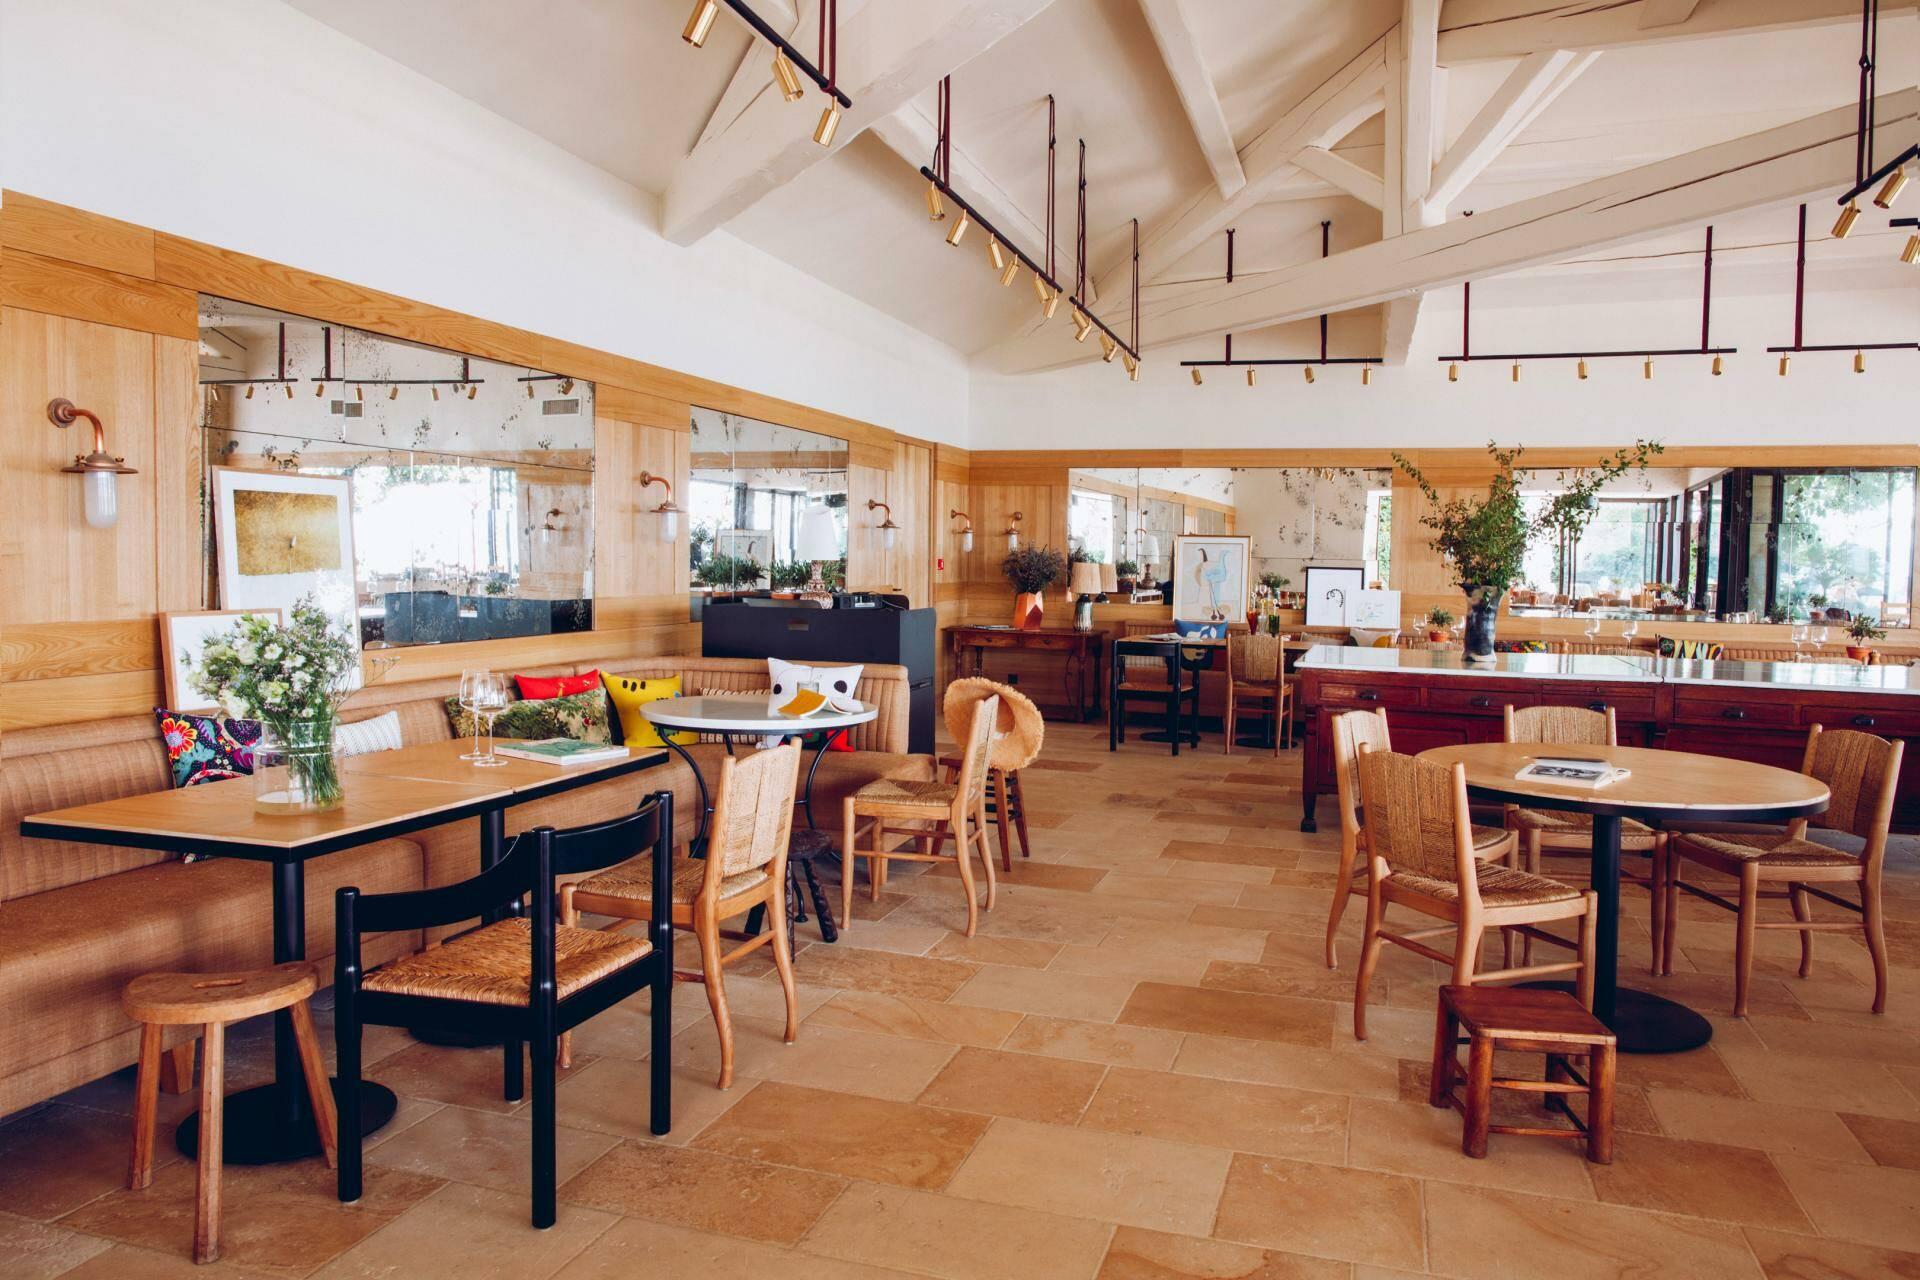 Hotel crillon le brave restaurantProvence Maisons Pariente